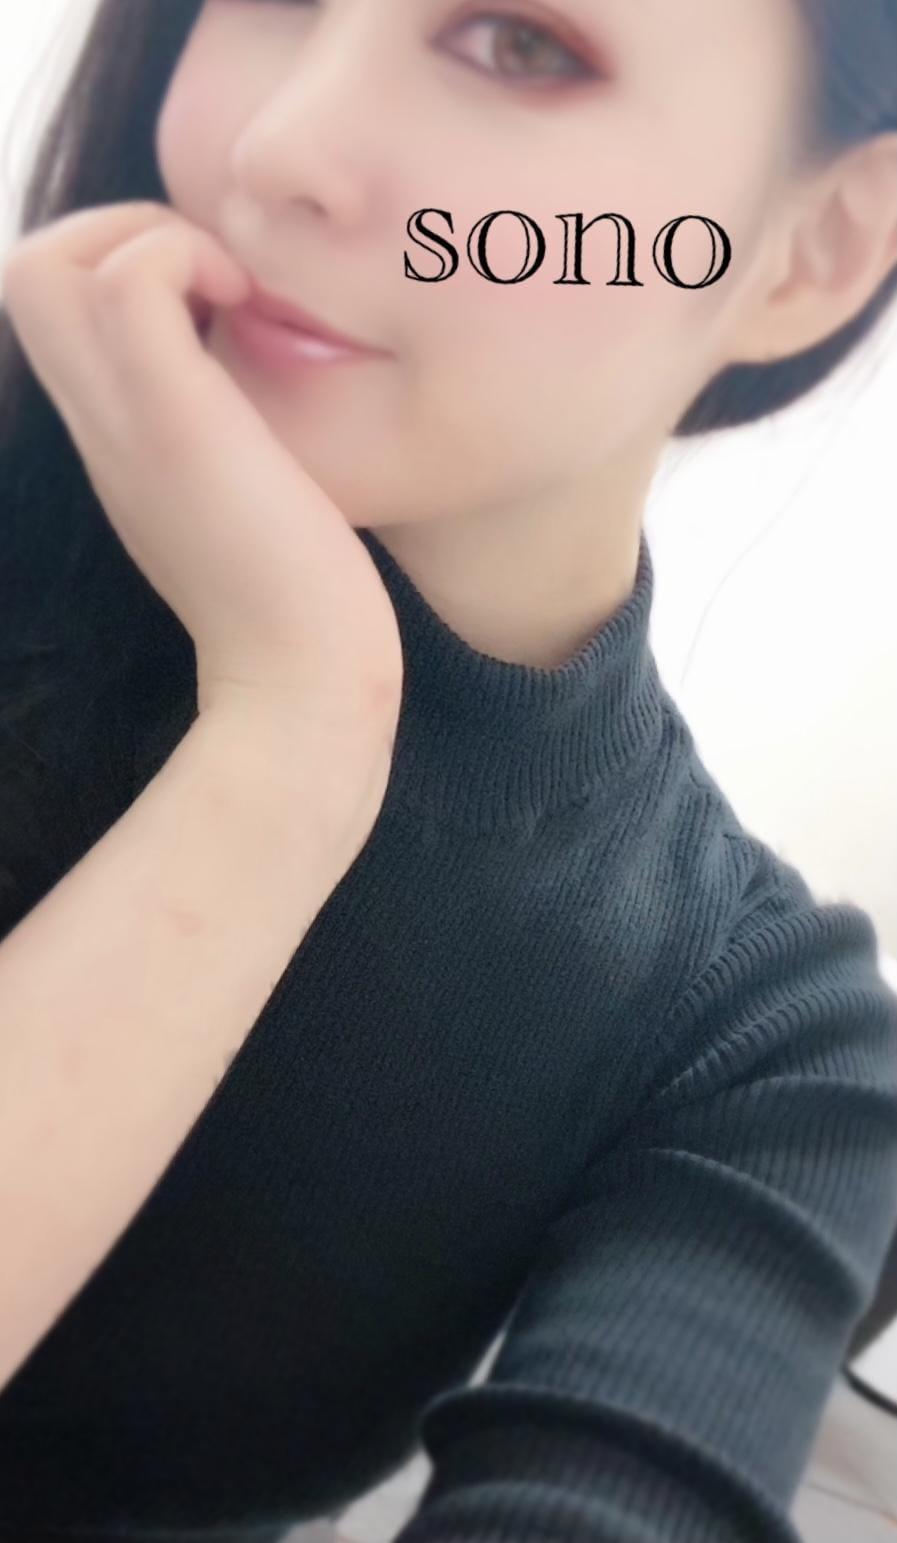 奏乃-その-「Today's sono」10/23(金) 20:36 | 奏乃-その-の写メ・風俗動画